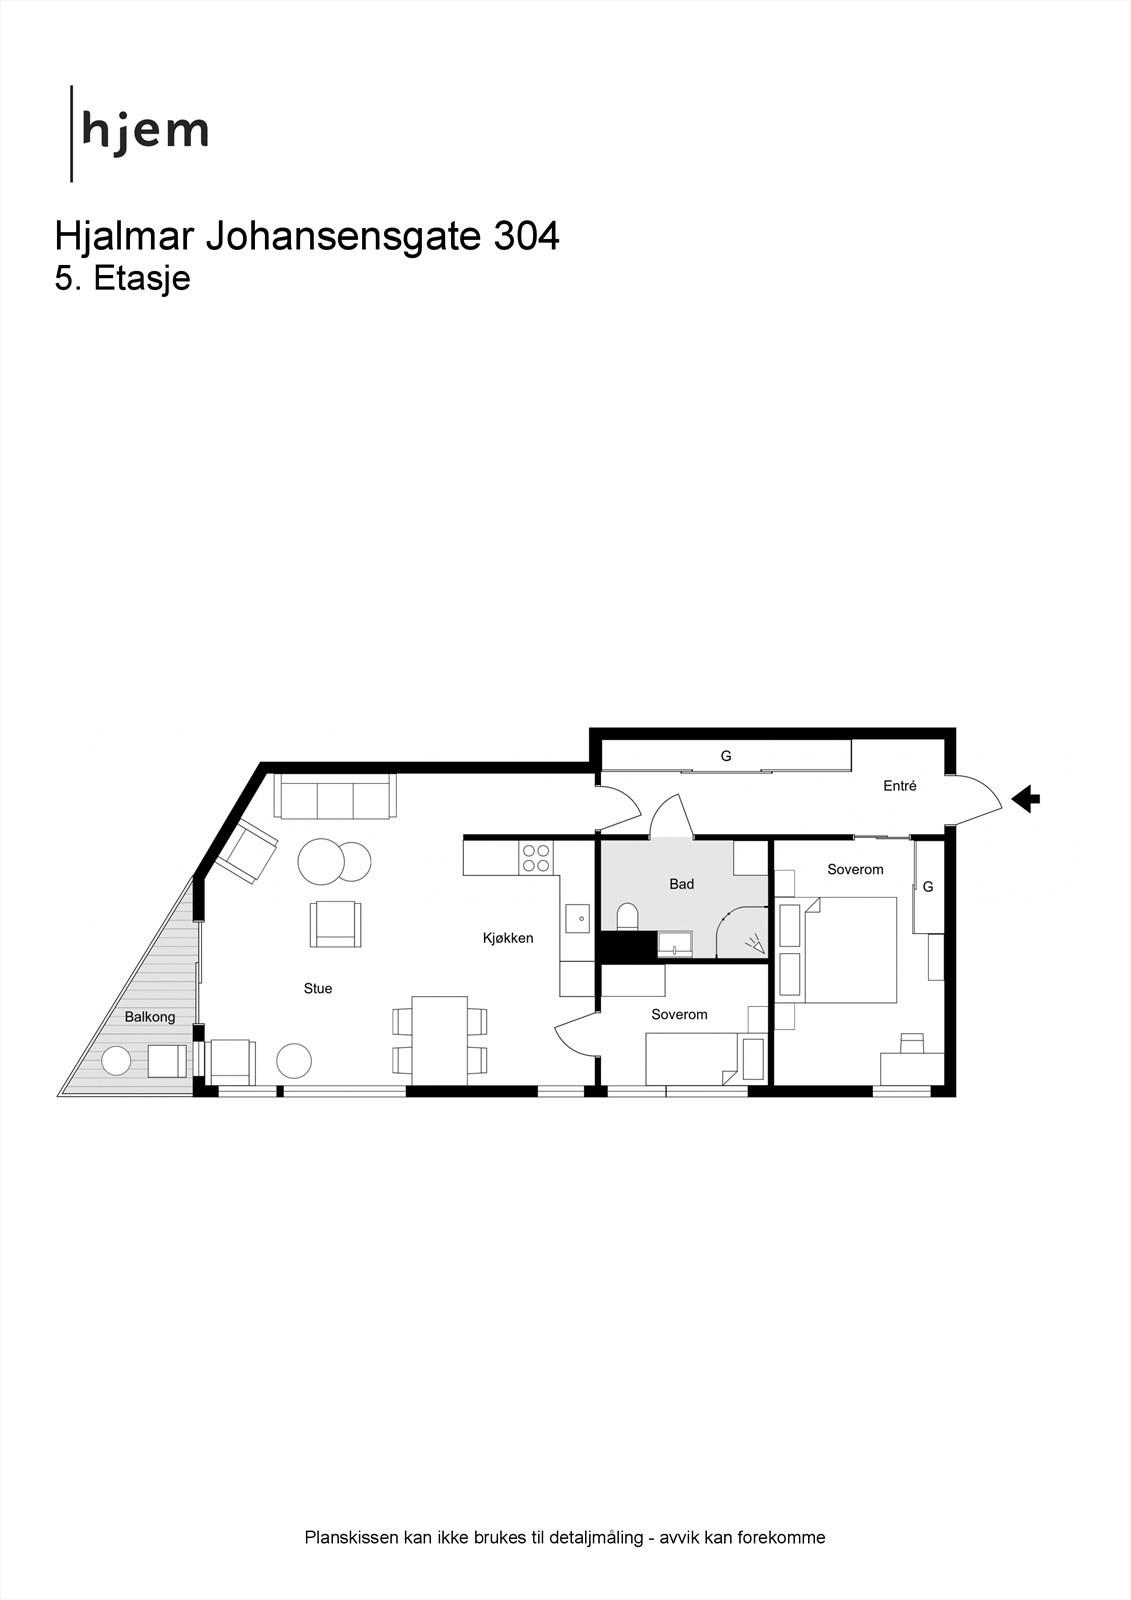 2D planillustrasjon av leilighetens planløsning.